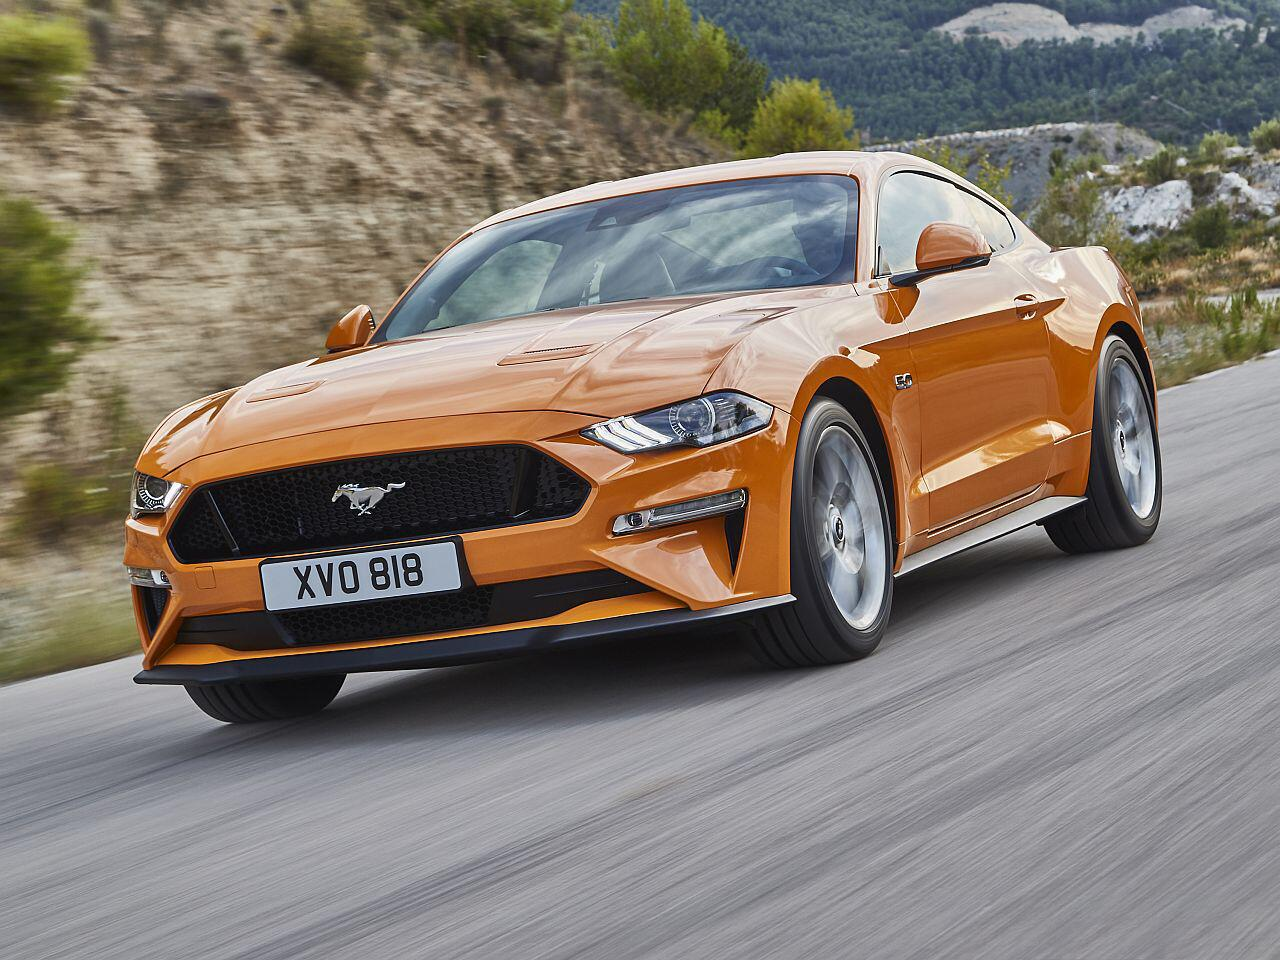 Bild zu Sportwagen für unter 50.000 Euro: Leistung muss nicht immer teuer sein